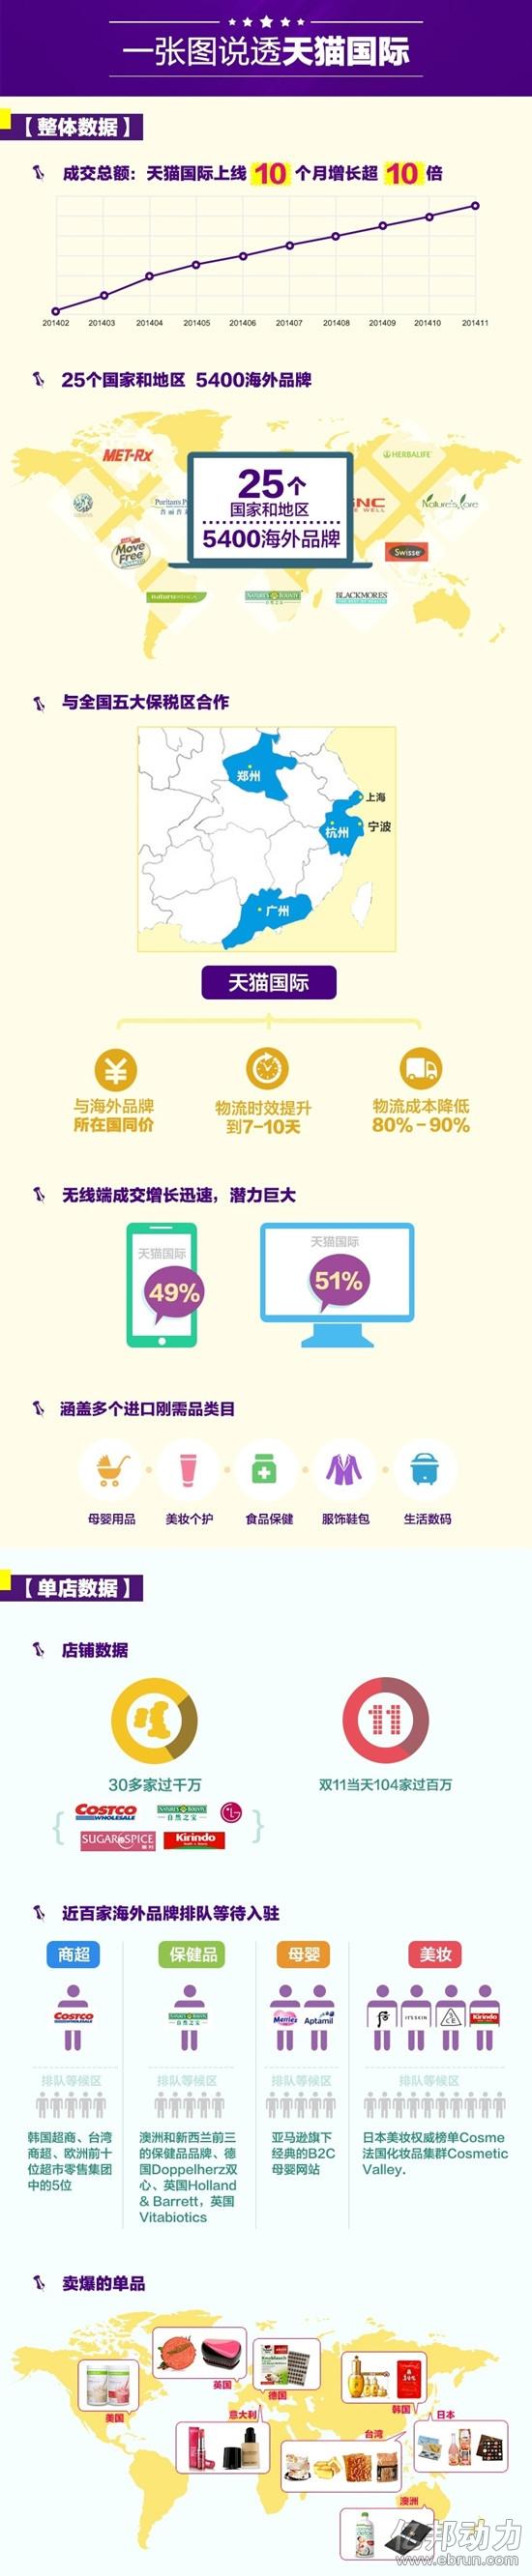 天猫国际无线成交占比49%,成交额增长超十倍